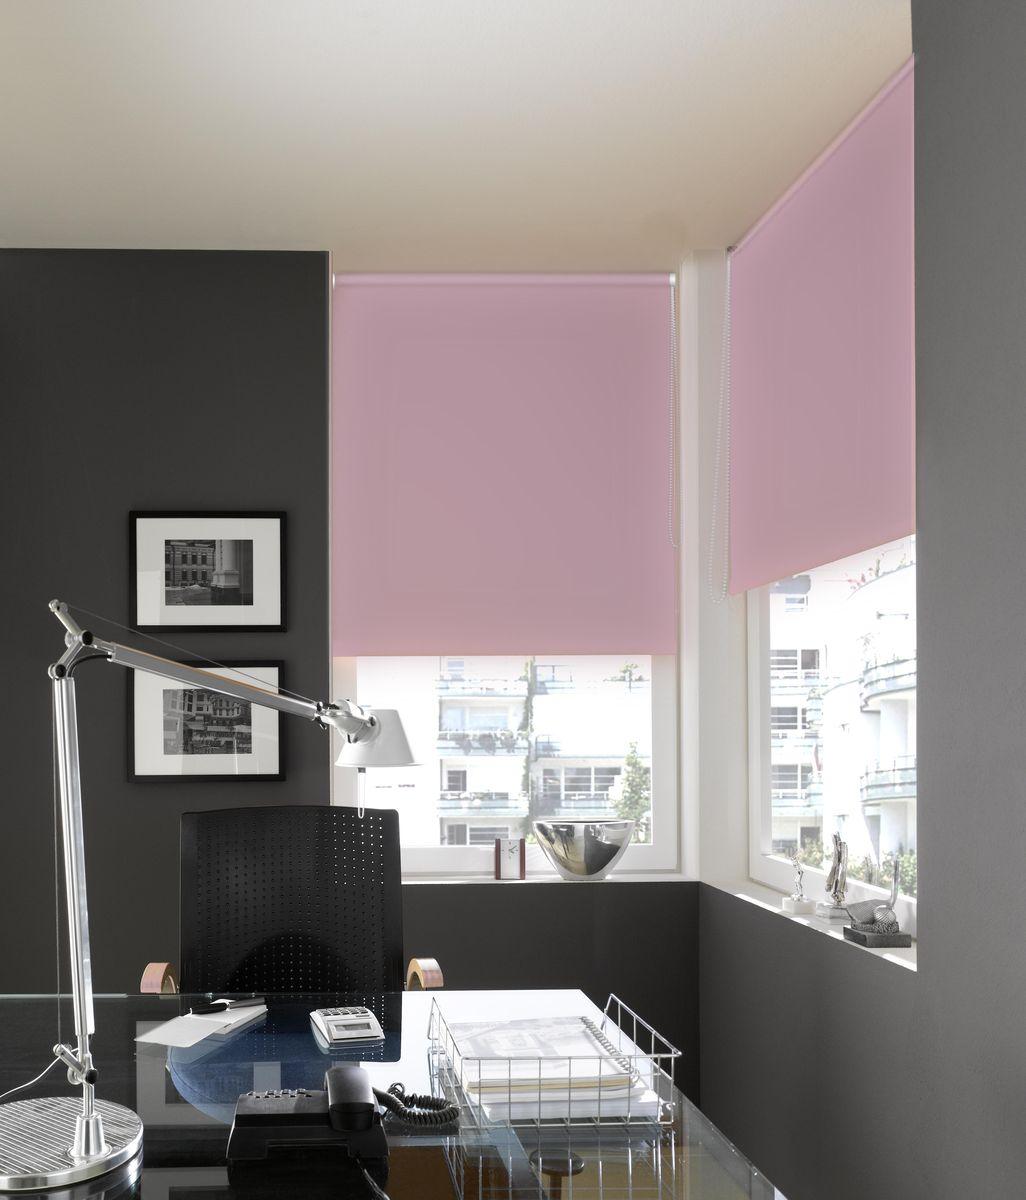 Штора рулонная Эскар Миниролло. Blackout, светонепроницаемая, цвет: розовый кварц, ширина 57 см, высота 170 см34933057170Рулонными шторами Эскар Миниролло. Blackout можно оформлять окна как самостоятельно, так и использовать в комбинации с портьерами. Это поможет предотвратить выгорание дорогой ткани на солнце и соединит функционал рулонных с красотой навесных. Преимущества применения рулонных штор для пластиковых окон: - имеют прекрасный внешний вид: многообразие и фактурность материала изделия отлично смотрятся в любом интерьере;- многофункциональны: есть возможность подобрать шторы способные эффективно защитить комнату от солнца, при этом она не будет слишком темной. - Есть возможность осуществить быстрый монтаж.ВНИМАНИЕ! Размеры ширины изделия указаны по ширине ткани! Во время эксплуатации не рекомендуется полностью разматывать рулон, чтобы не оторвать ткань от намоточного вала. В случае загрязнения поверхности ткани, чистку шторы проводят одним из способов, в зависимости от типа загрязнения:легкое поверхностное загрязнение можно удалить при помощи канцелярского ластика;чистка от пыли производится сухим методом при помощи пылесоса с мягкой щеткой-насадкой;для удаления пятна используйте мягкую губку с пенообразующим неагрессивным моющим средством или пятновыводитель на натуральной основе (нельзя применять растворители).